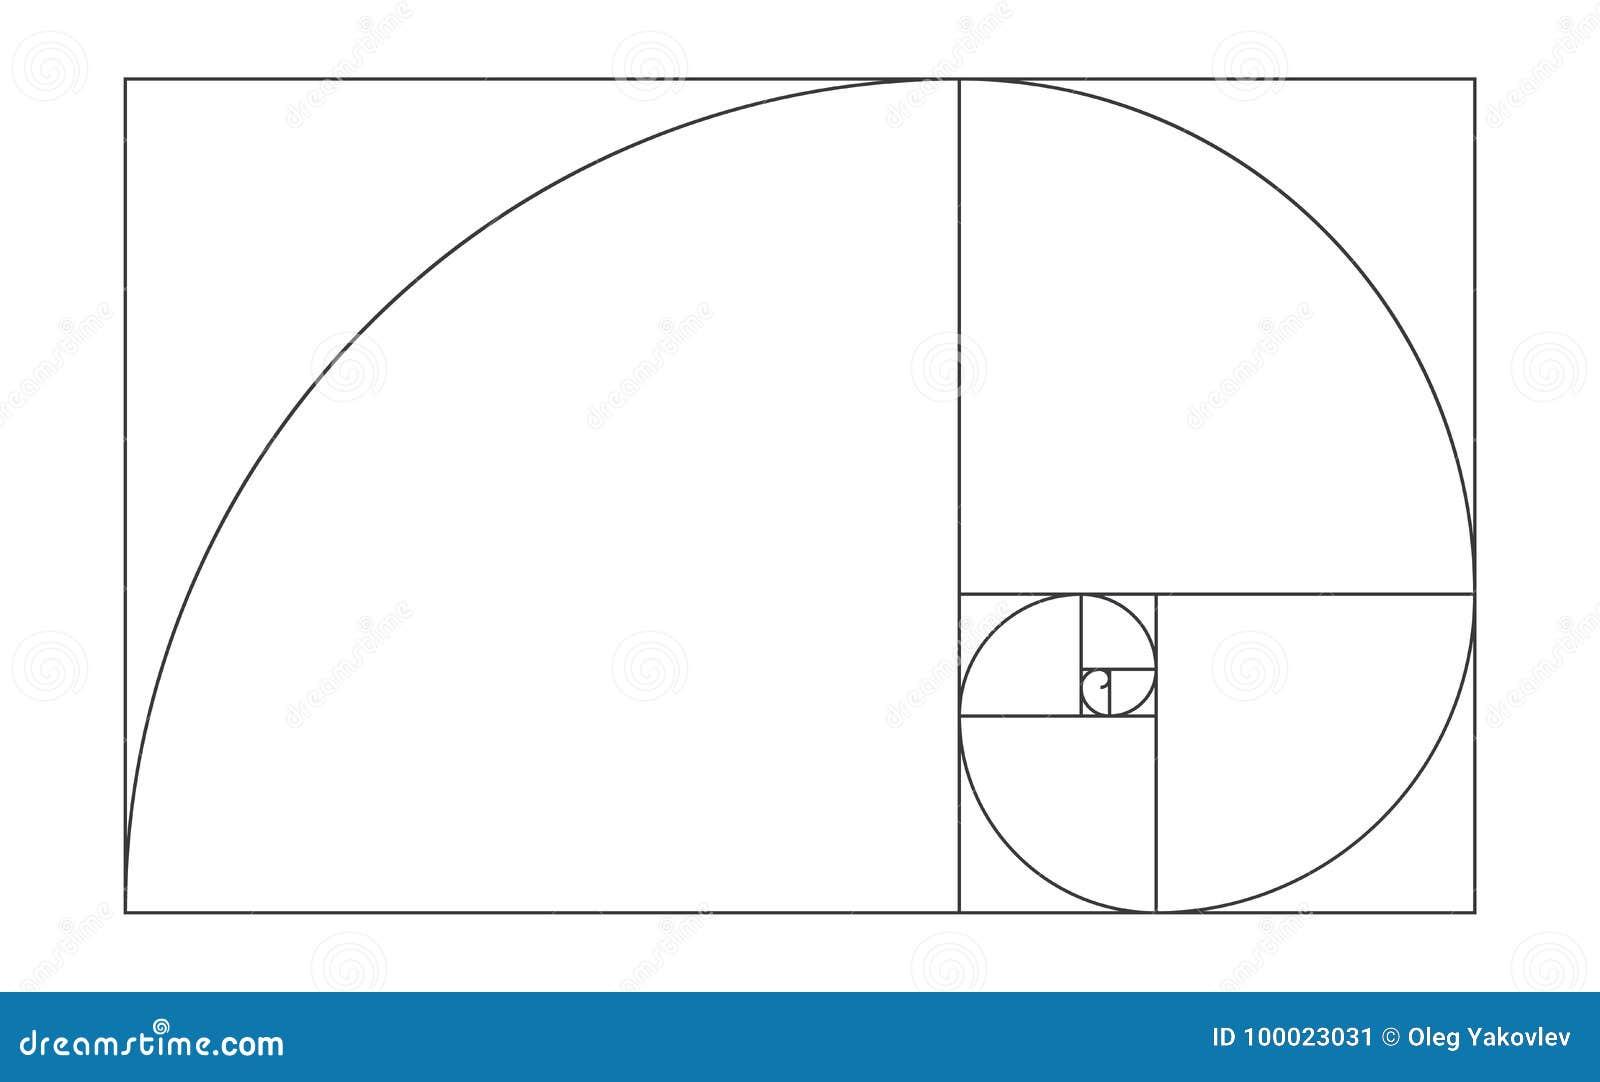 golden ratio template illustration stock illustration illustration